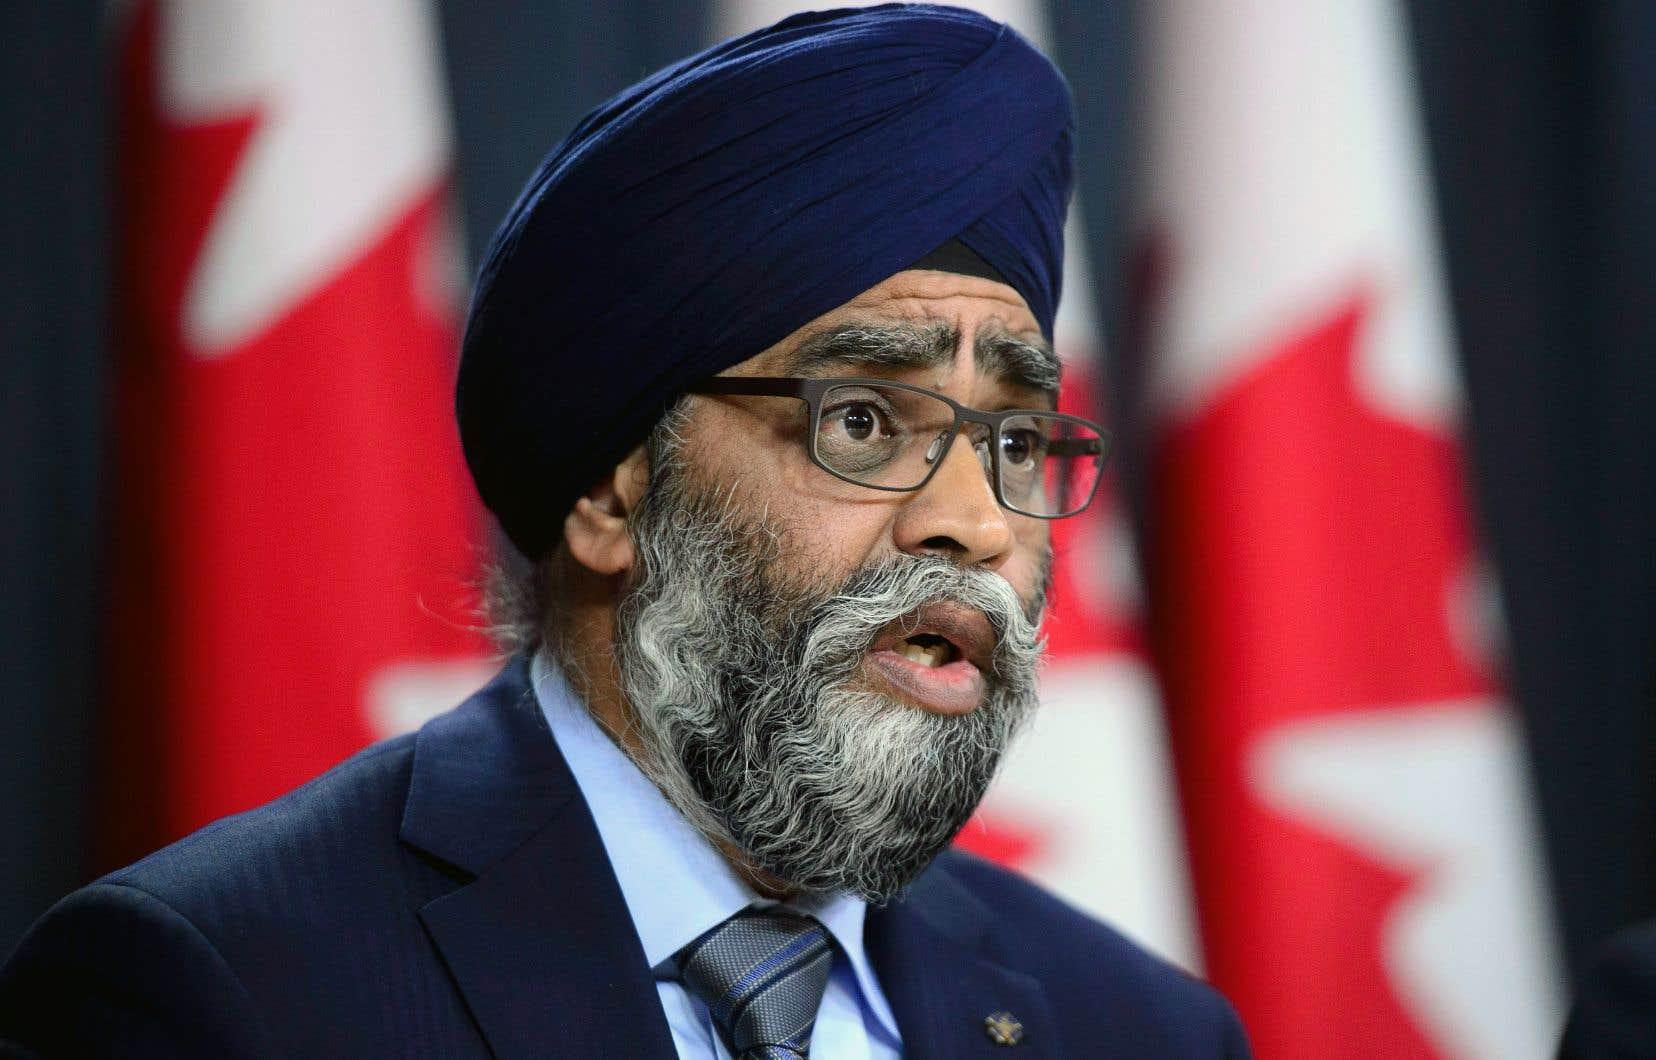 Le ministre canadien de la Défense, Harjit Sajjan, assure qu'il prend la situation au sérieux.